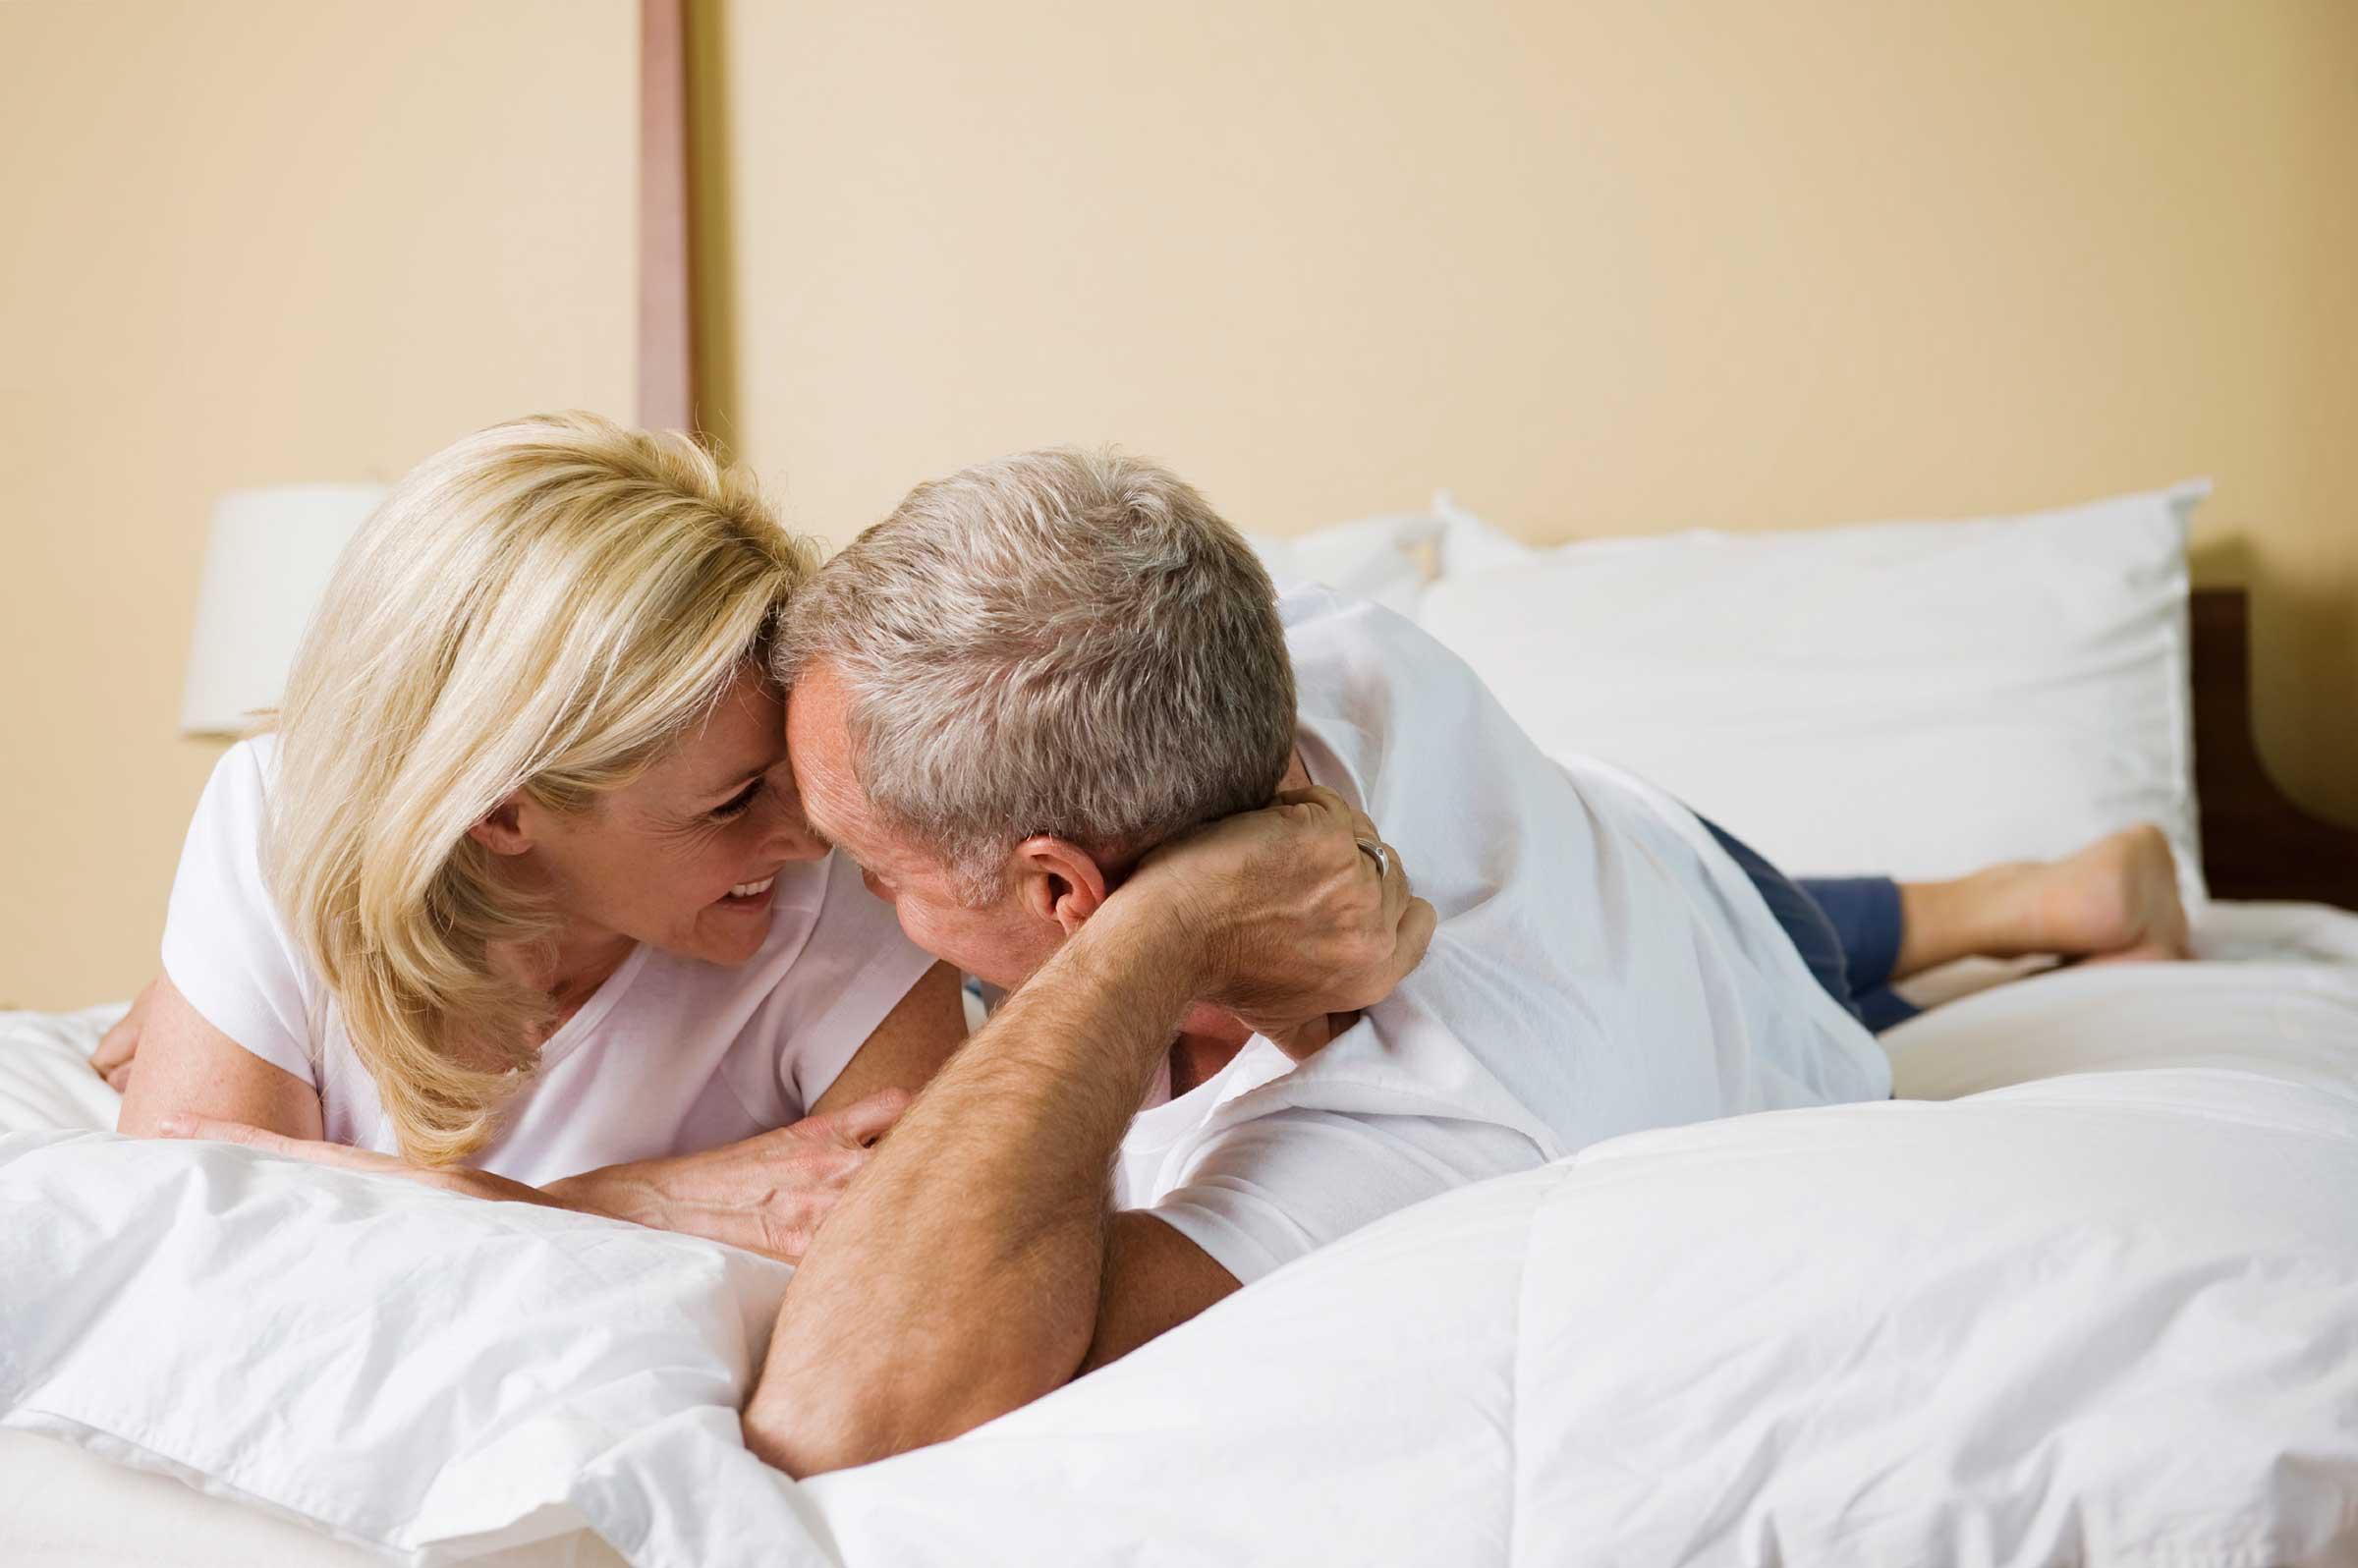 La plenitud sexual se puede vivir perfectamente durante el climaterio